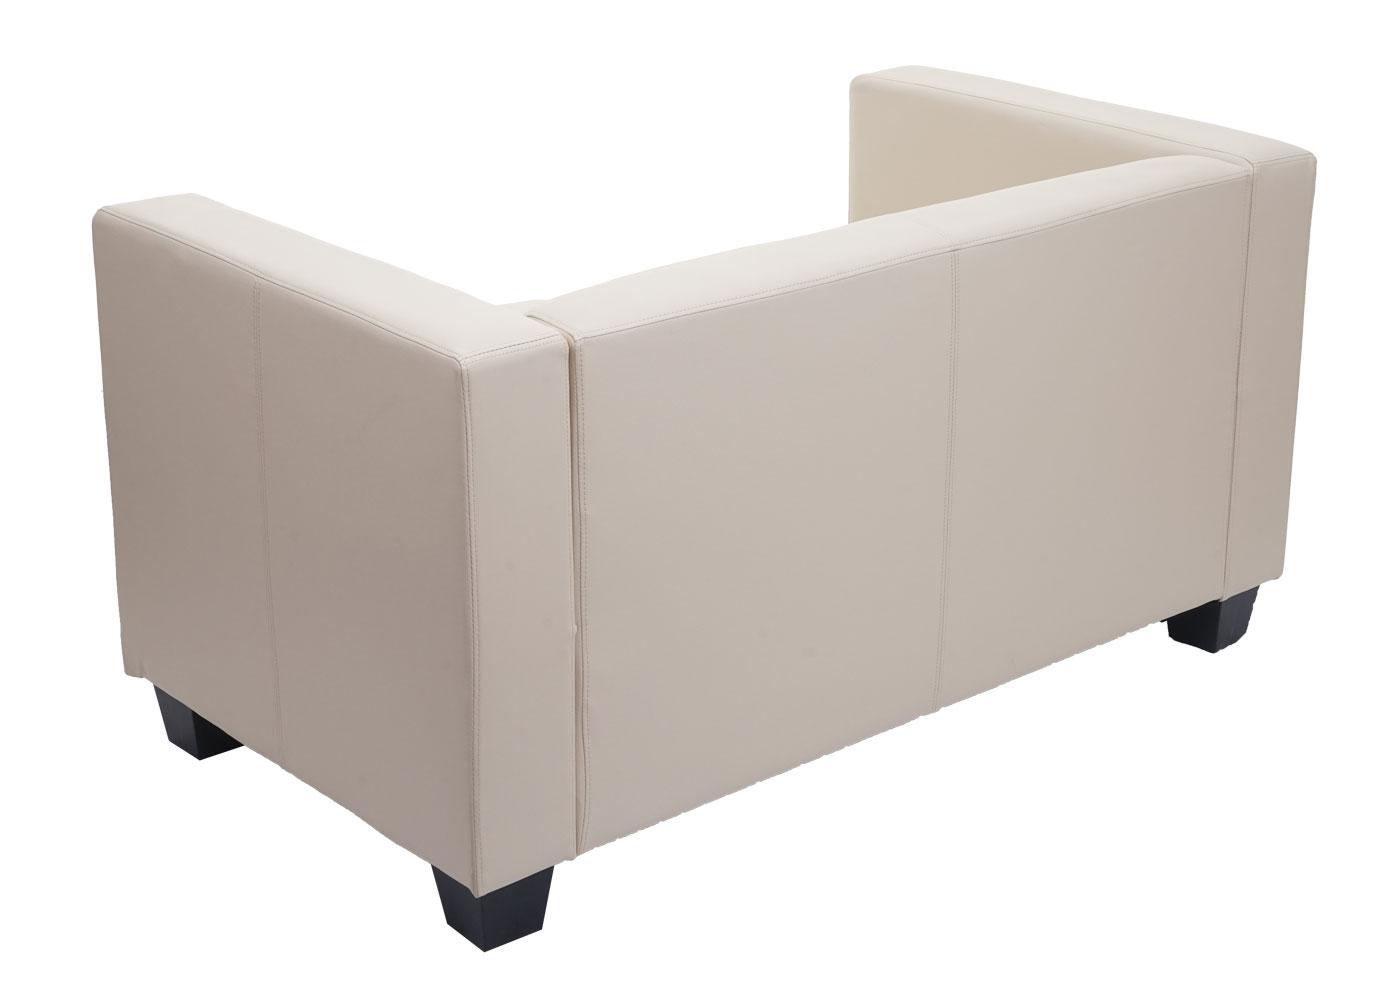 2er Sofa Couch Loungesofa Lille Rückansicht